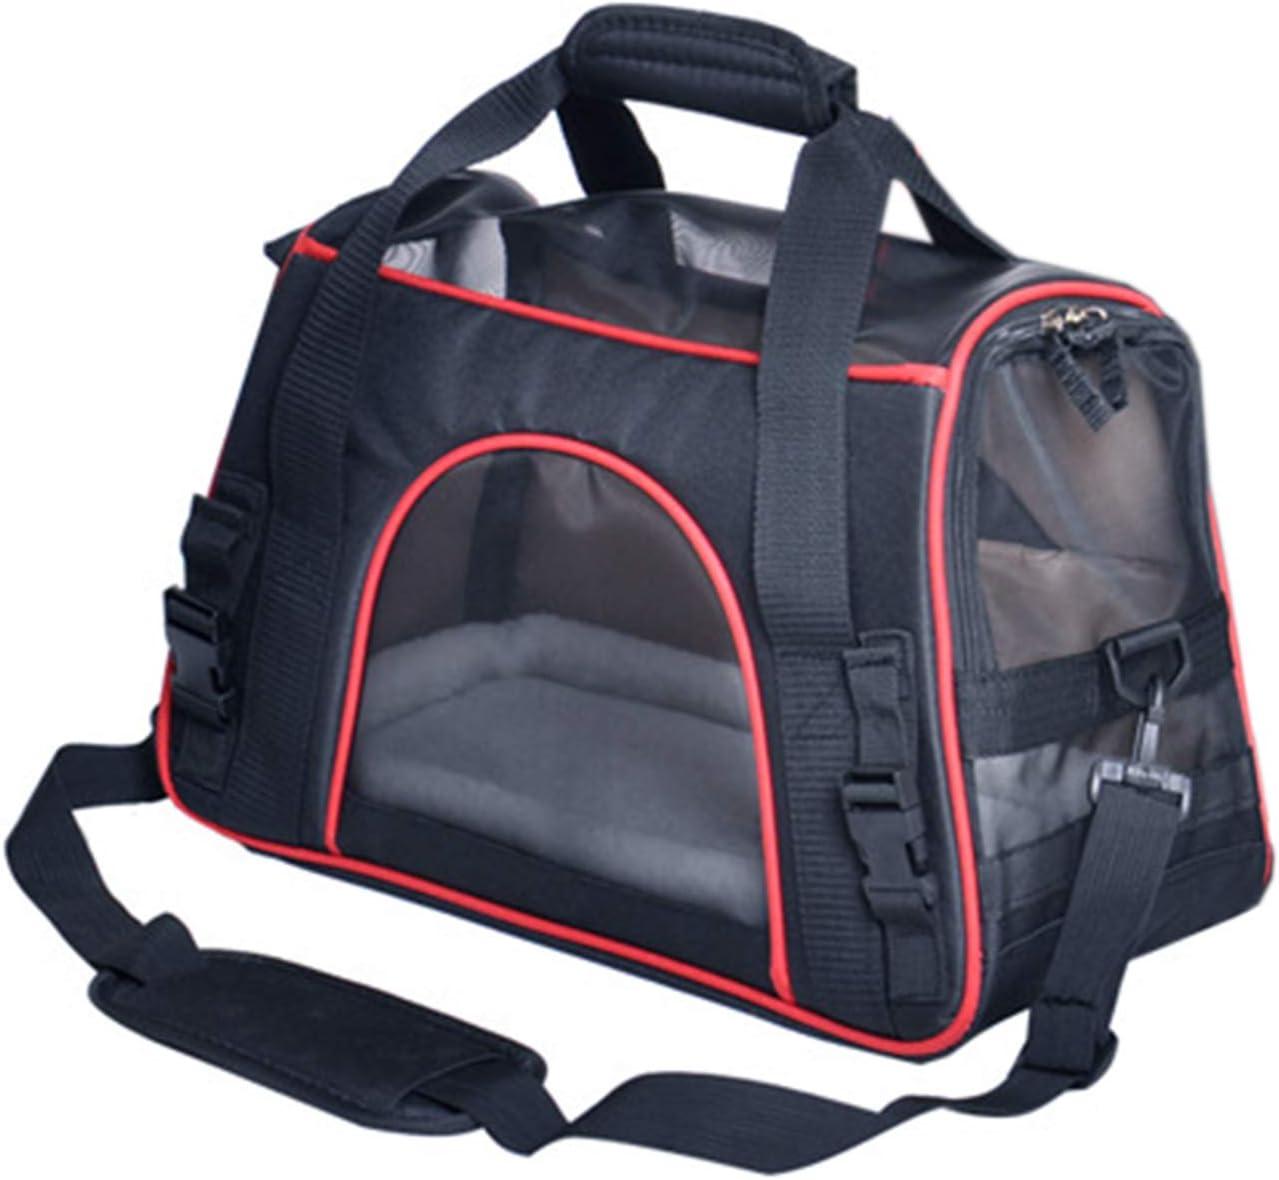 Alfie Pet – Jorgie Pet Carrier with Adjustable Strap – Color Black, Size Small